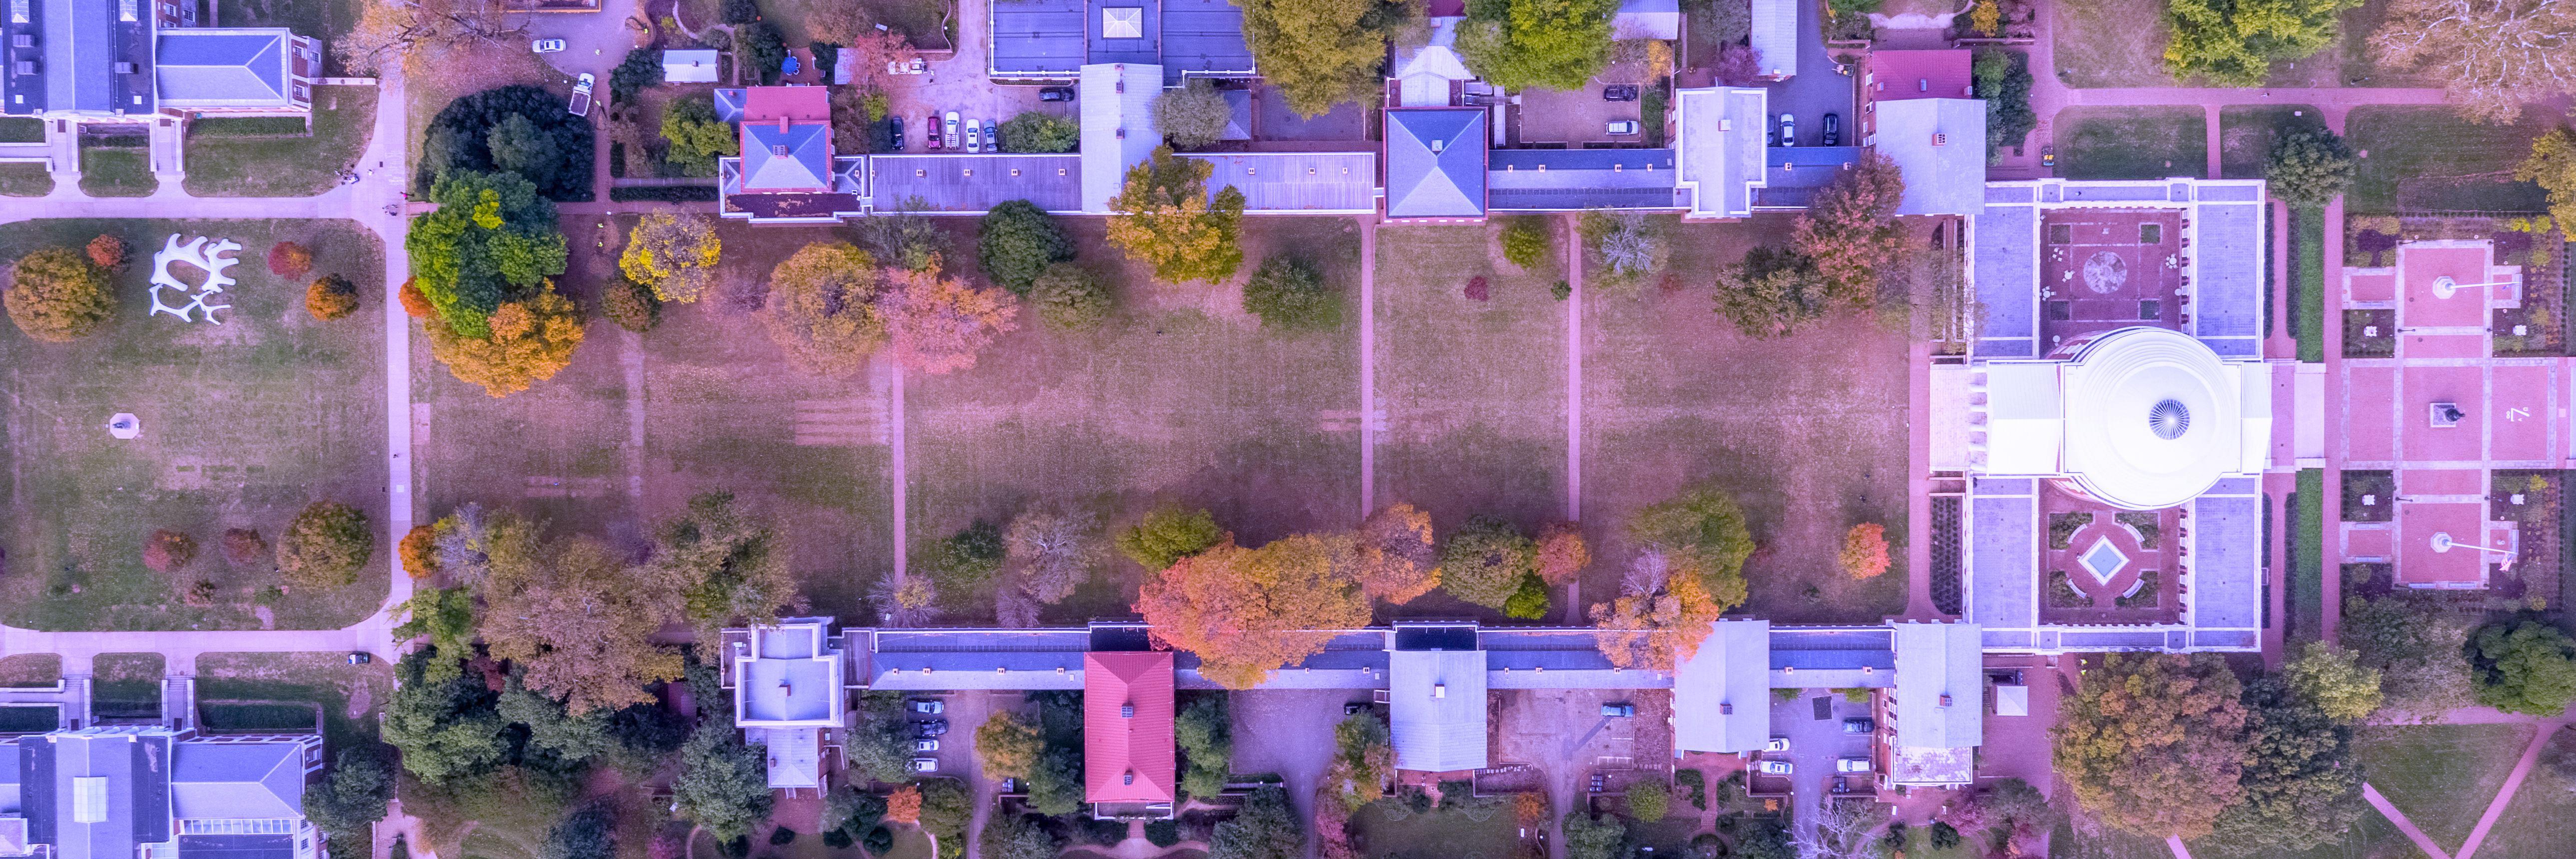 Lawn Aerial